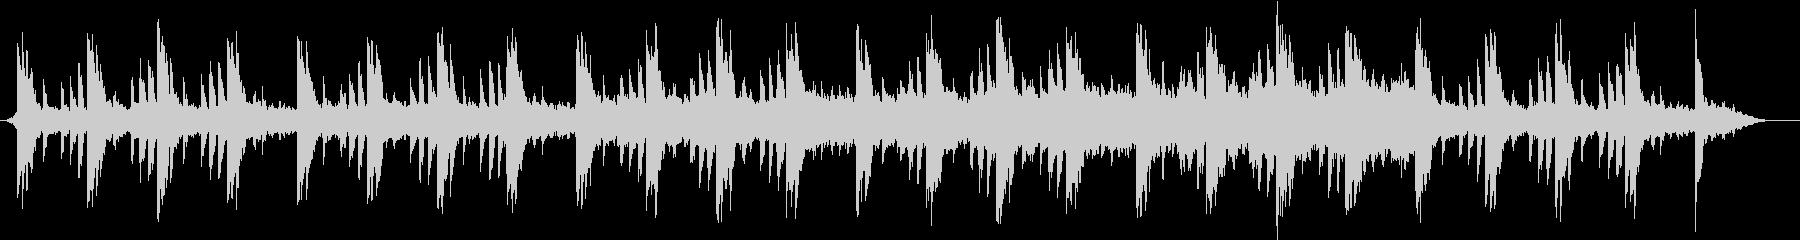 ミニマルなピアノ曲の未再生の波形